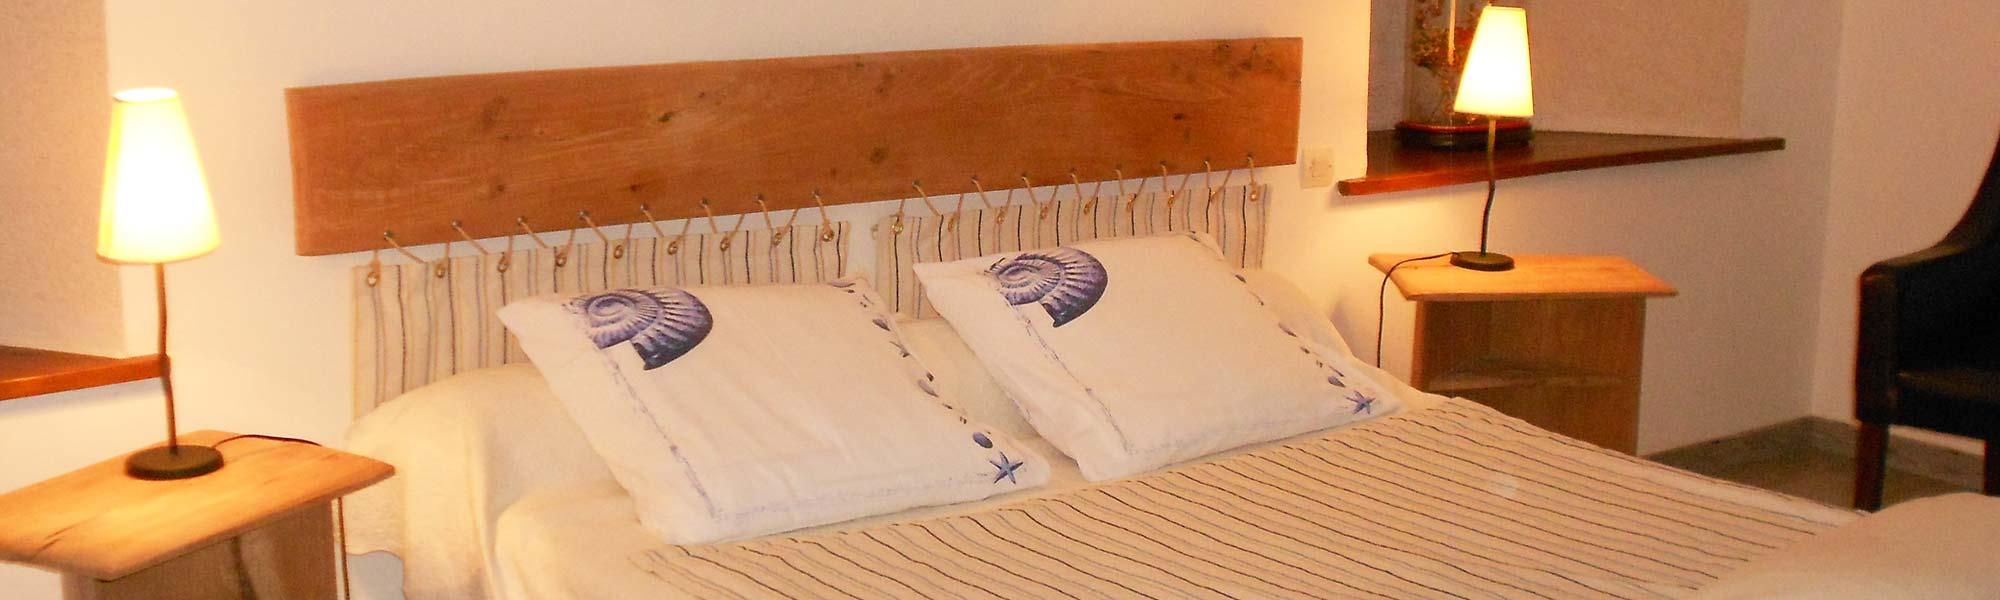 chambres hotes bayeux perfect chambres d hotes avec vues sur la place charles de gaulle ou sur. Black Bedroom Furniture Sets. Home Design Ideas